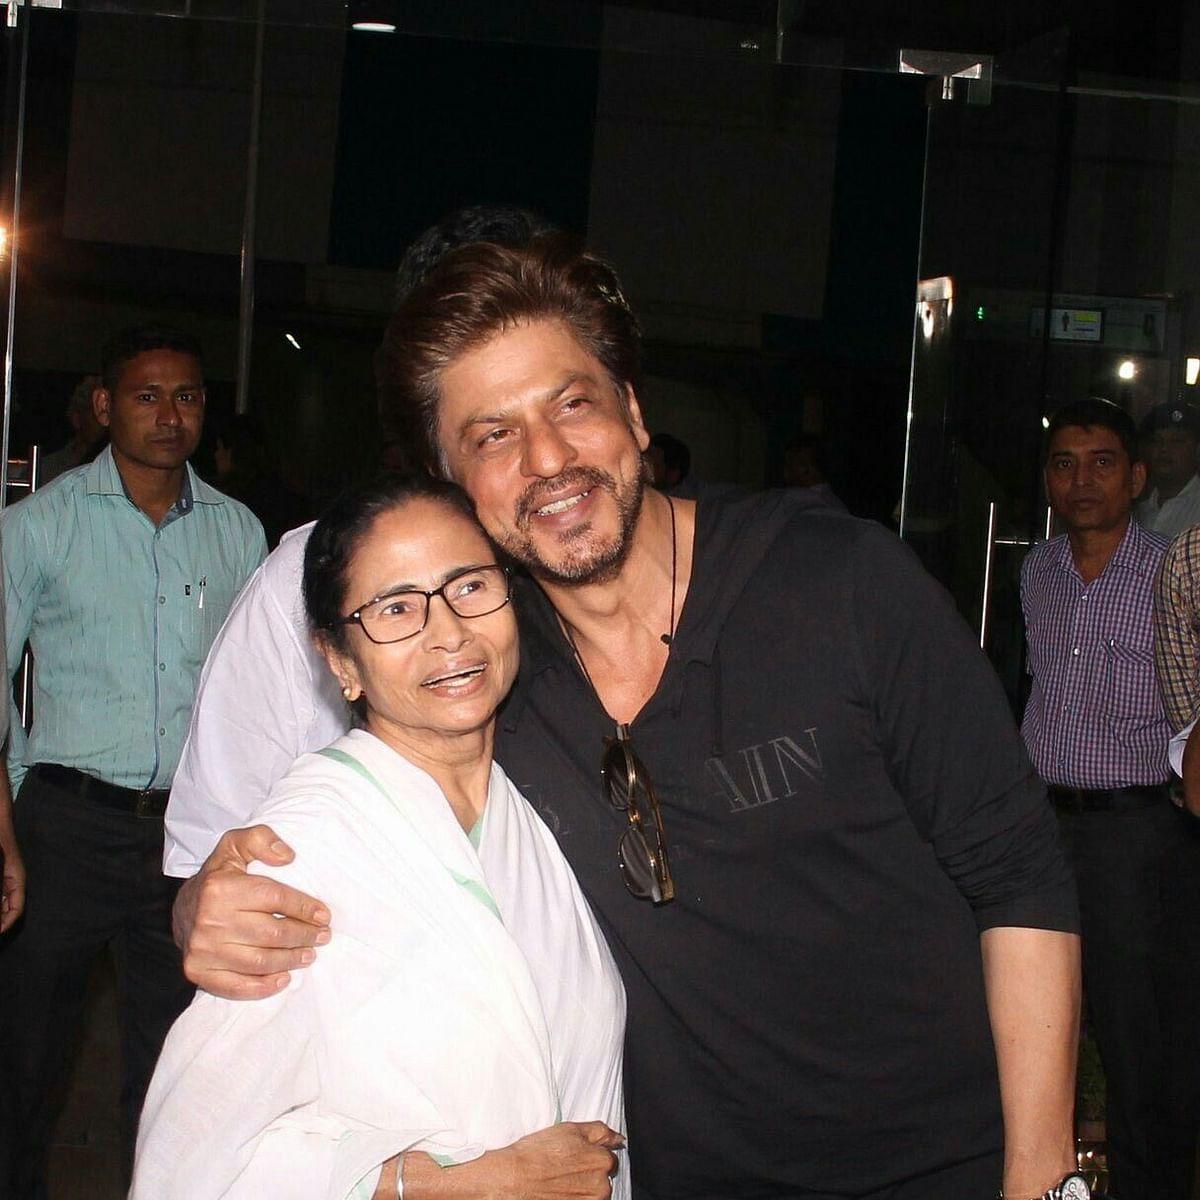 'Mamata di, I miss you and miss hugging you': Shah Rukh at virtual inauguration of Kolkata International Film Festival